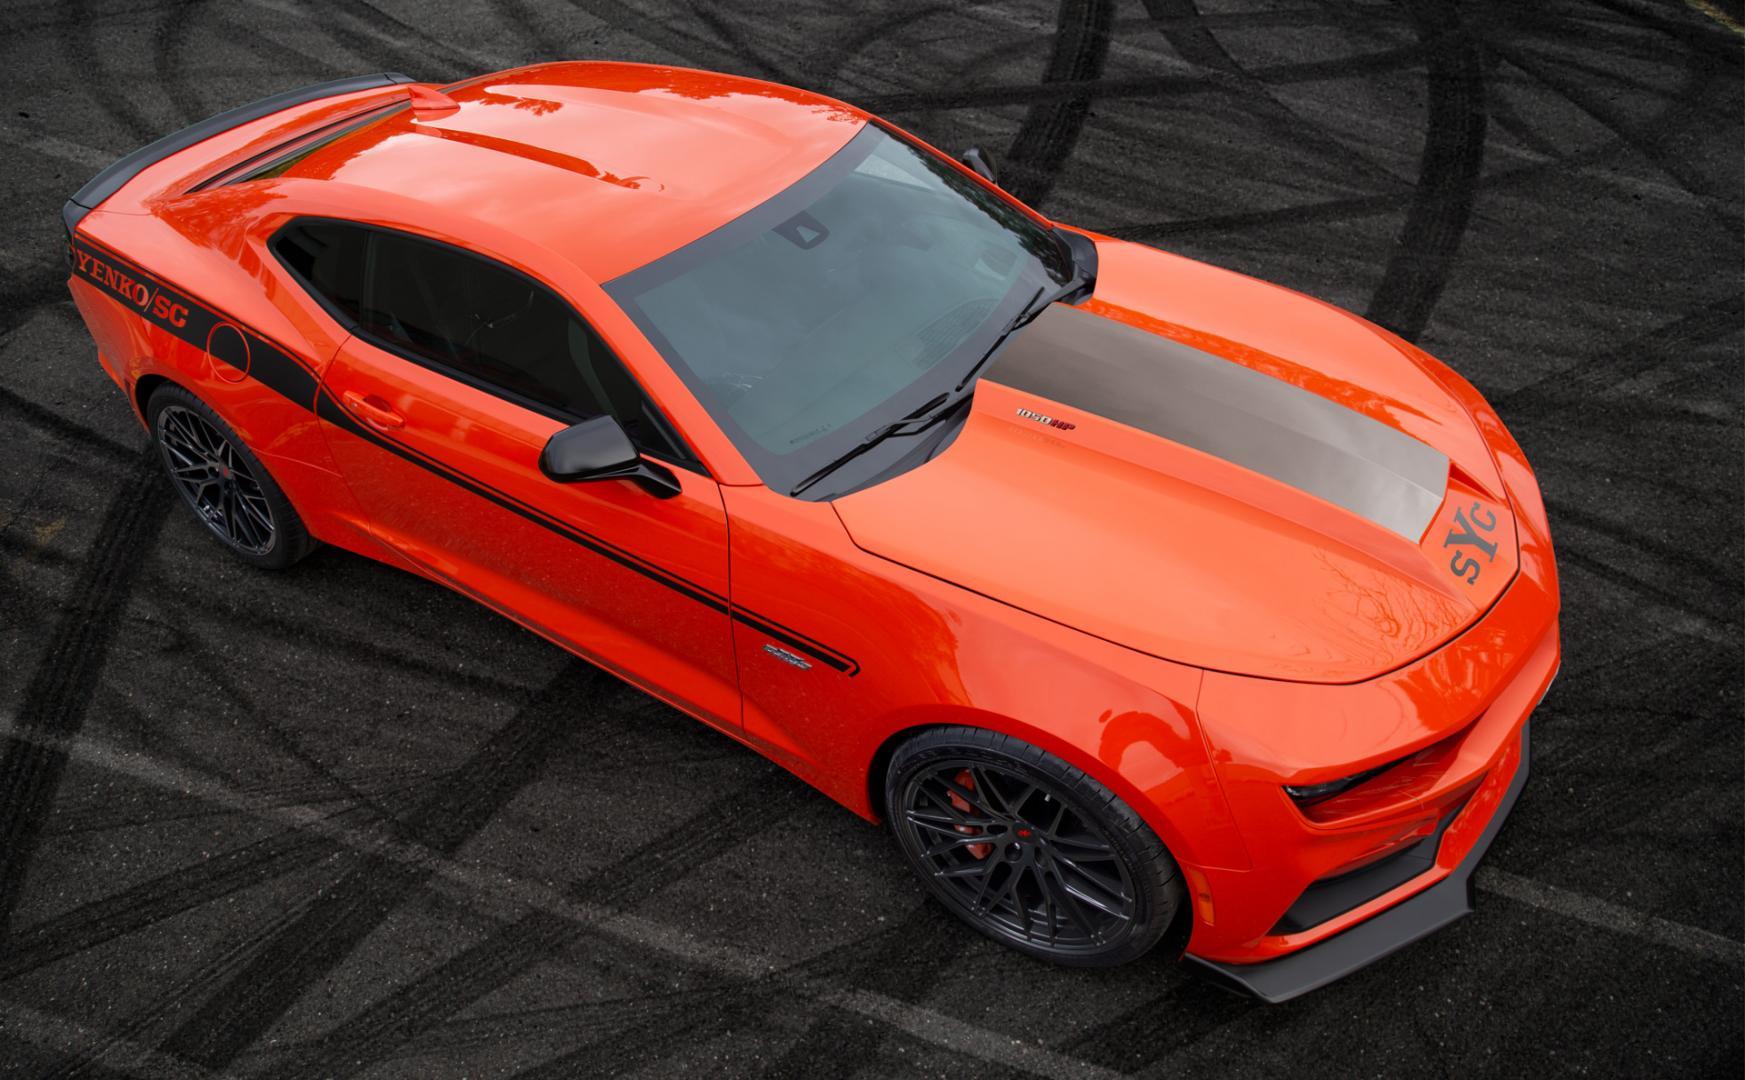 2021 Yenko Camaro (Oranje)